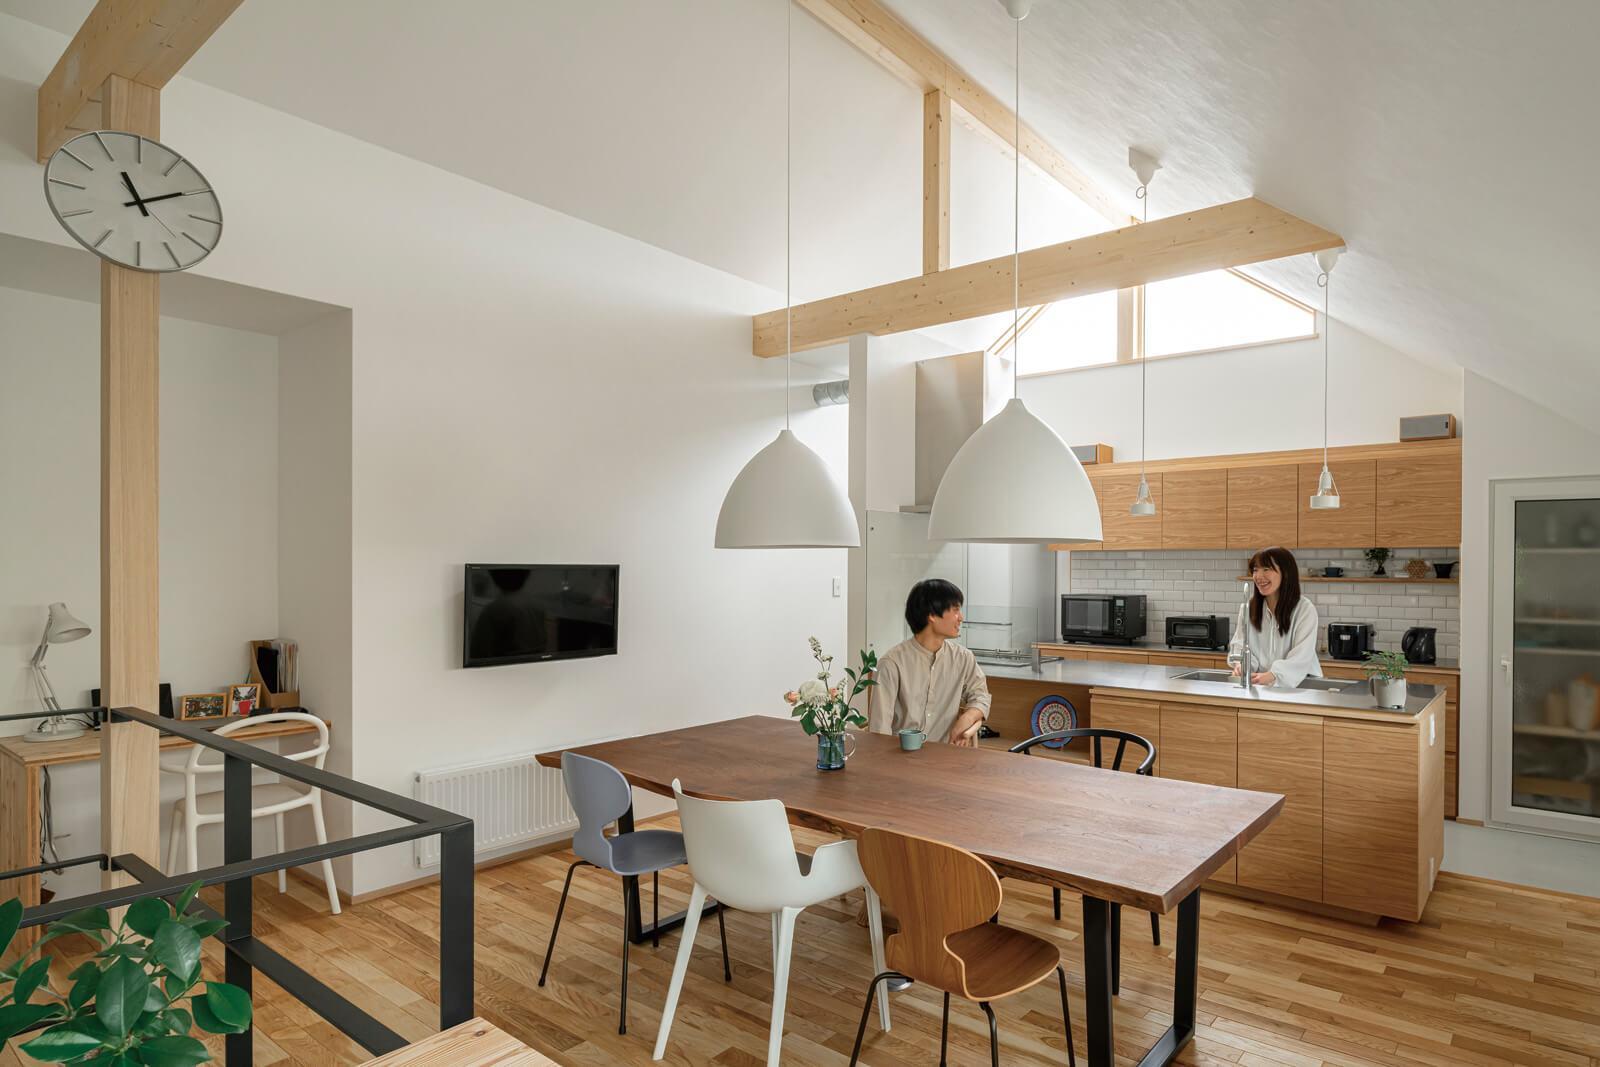 フルオープンのキッチンは、ウッディな背面収納と一枚板のステンレス天板の組み合わせ